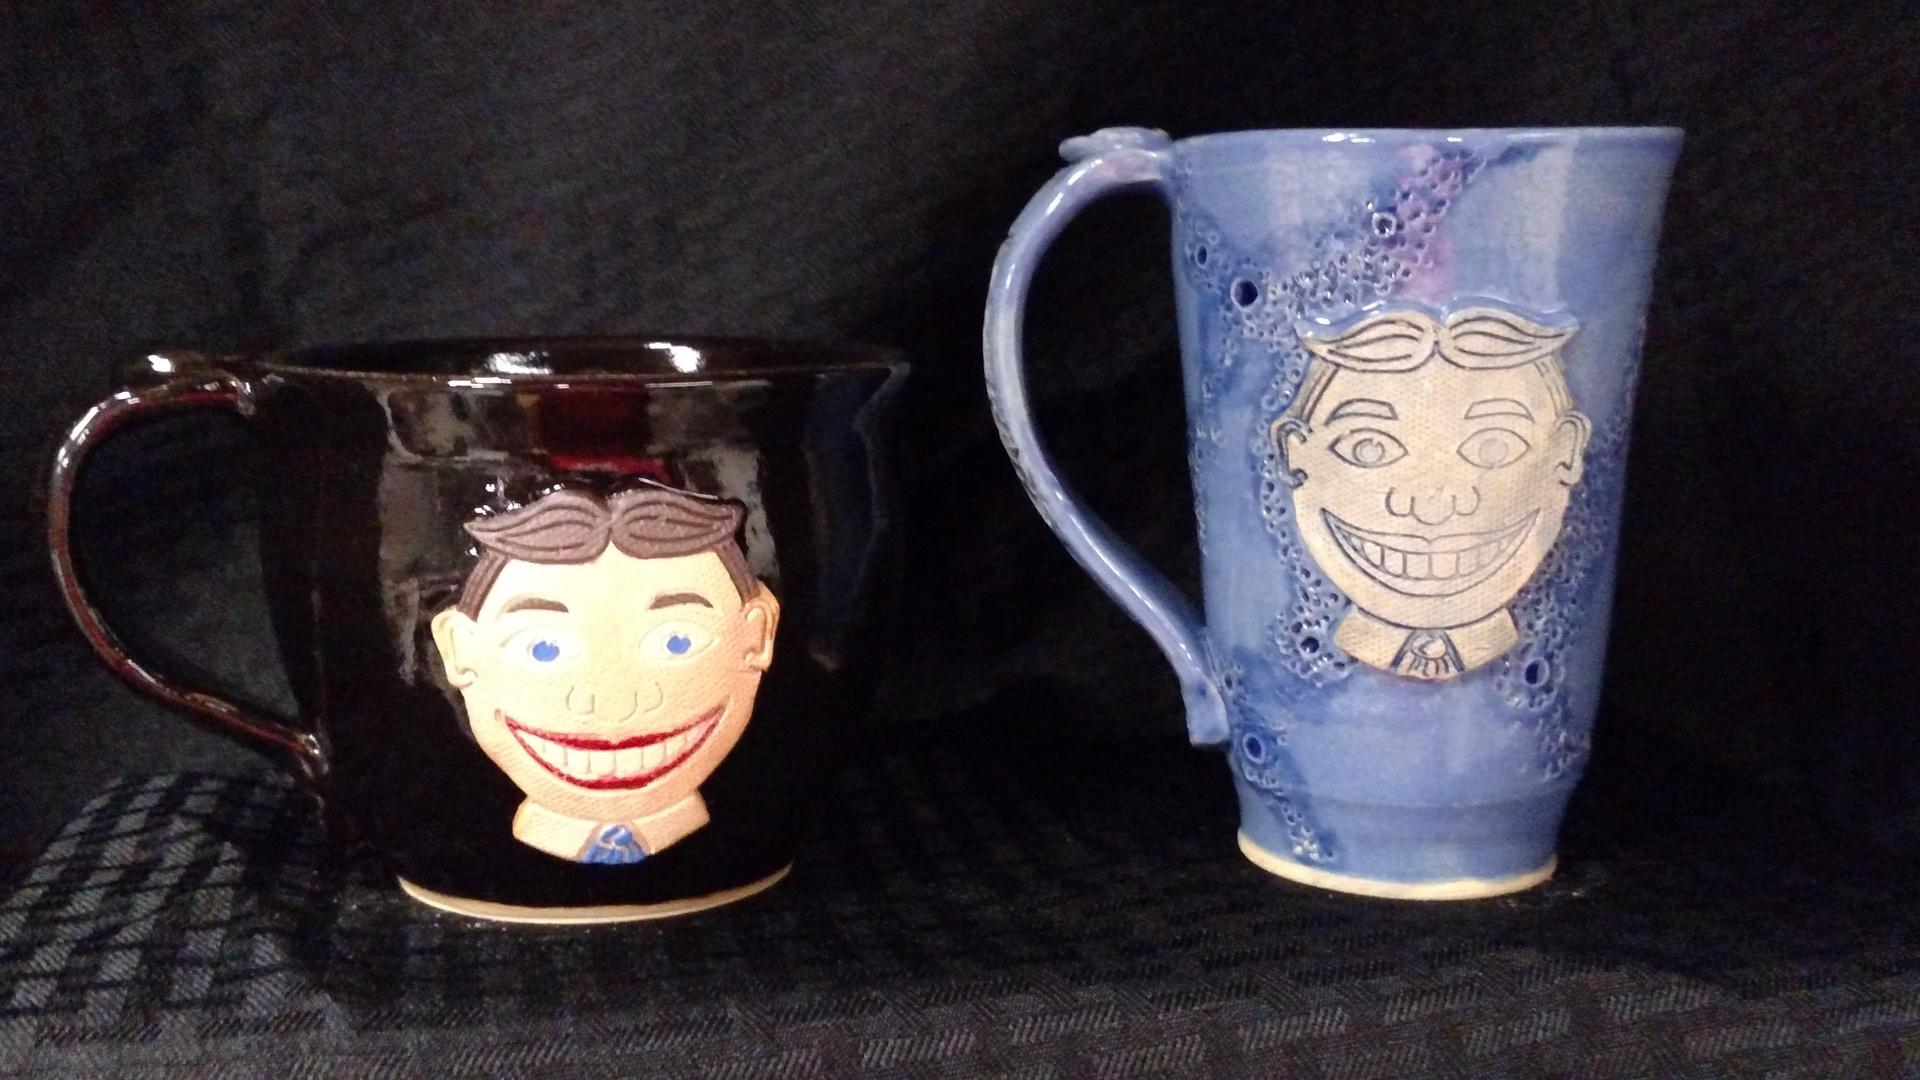 Tillie soup/capuccino mug and tillie monoprint mug